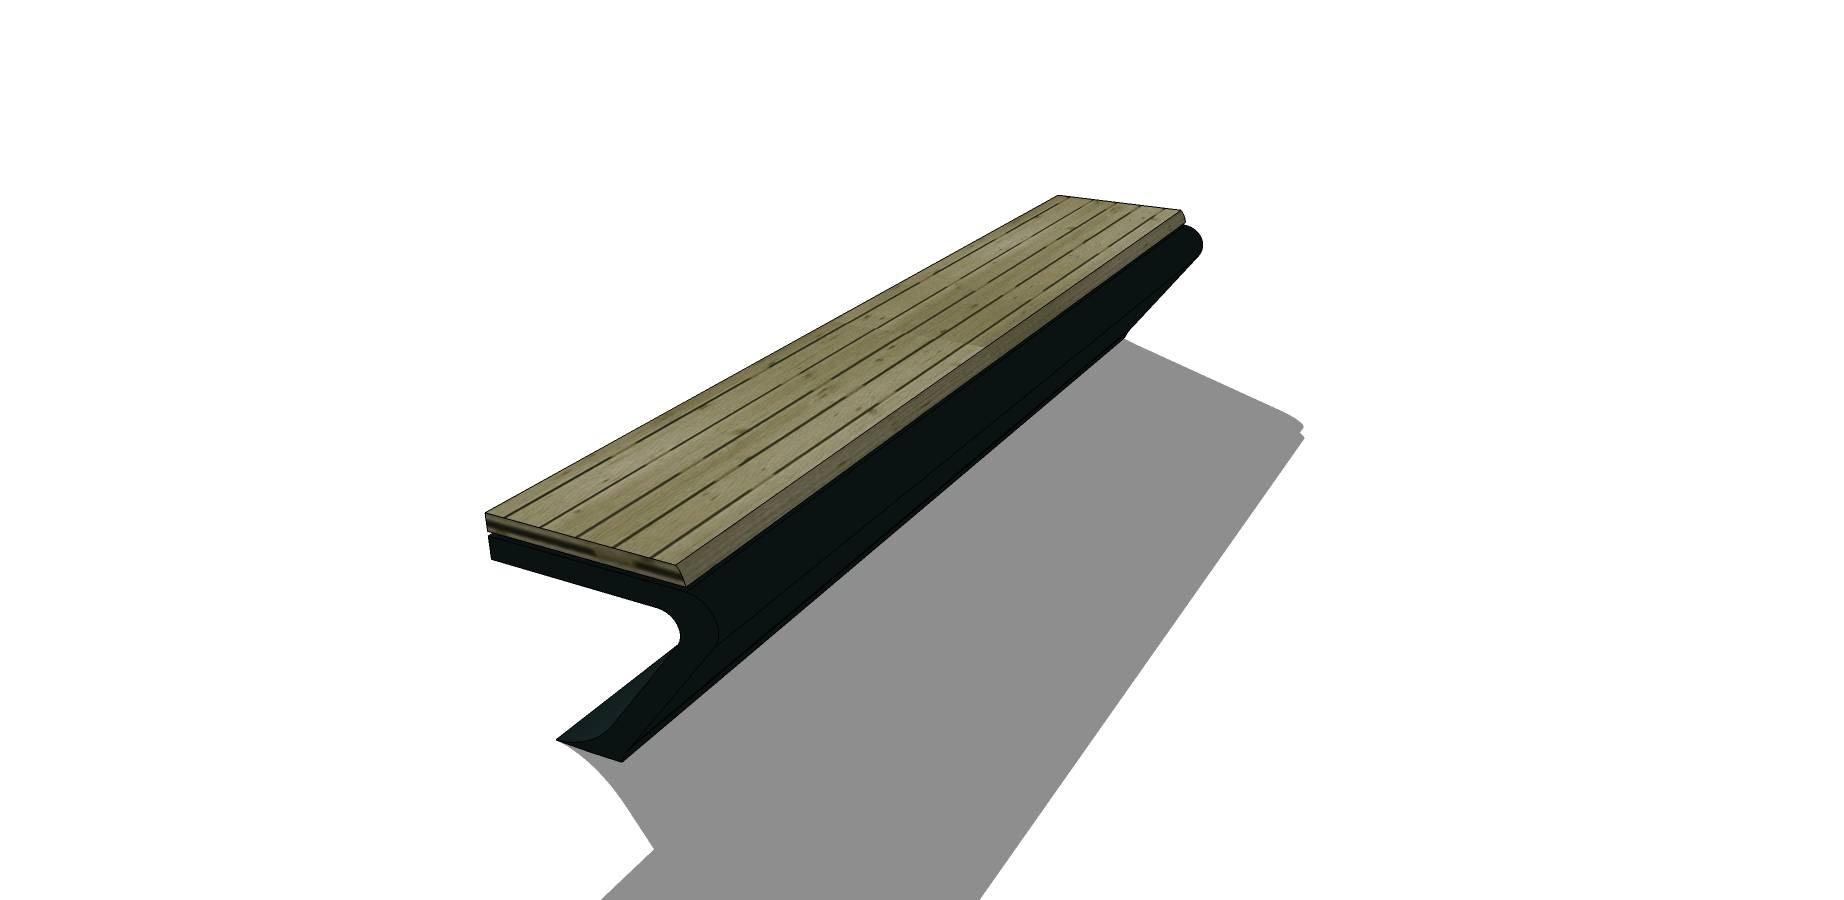 绿色简约条形长凳座椅SU模型